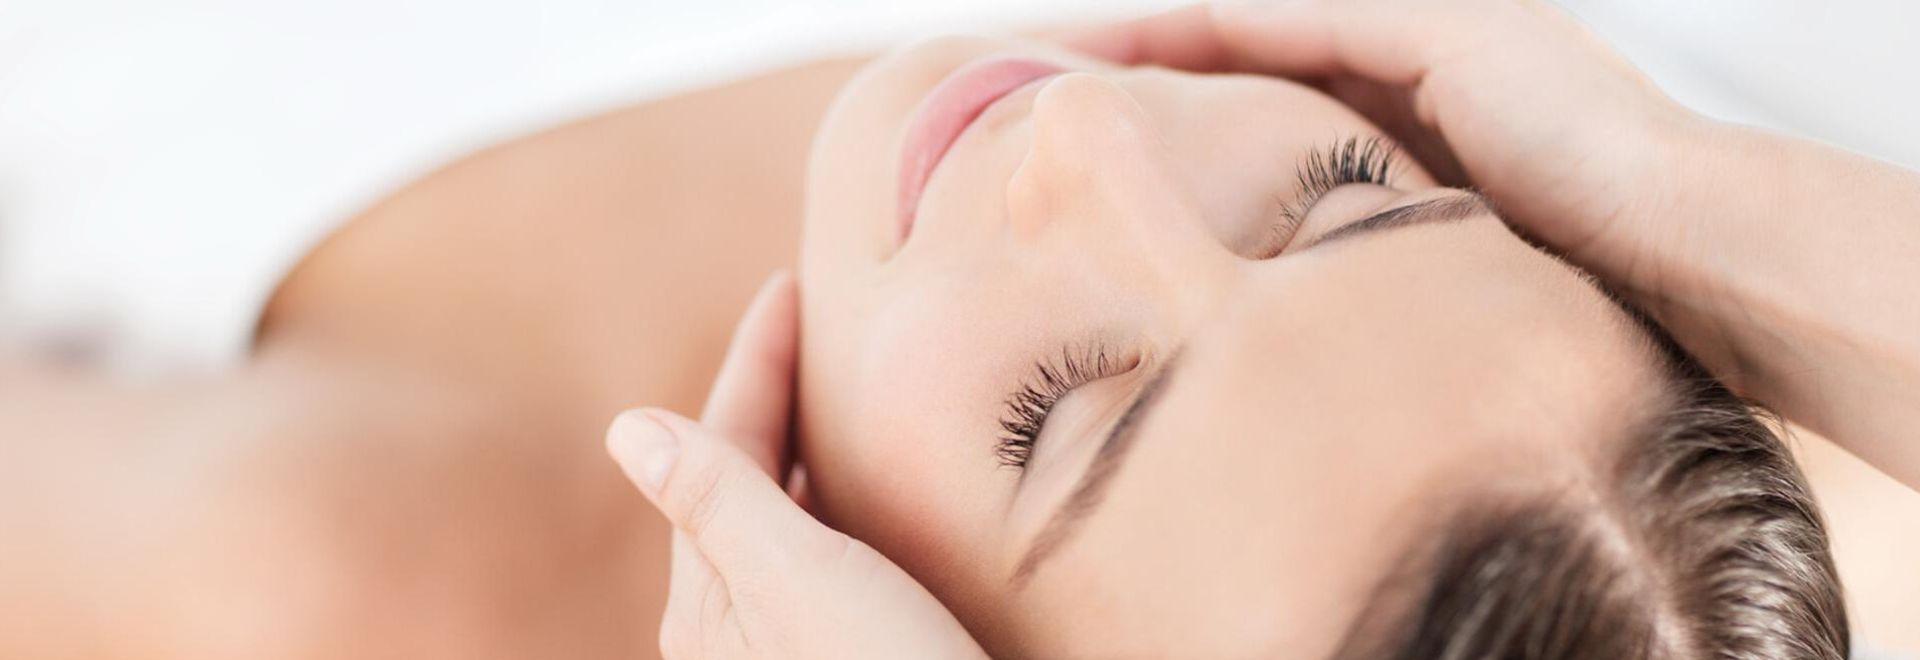 Ausbildung zur Massagetherapeutin und zum Massagetherapeuten